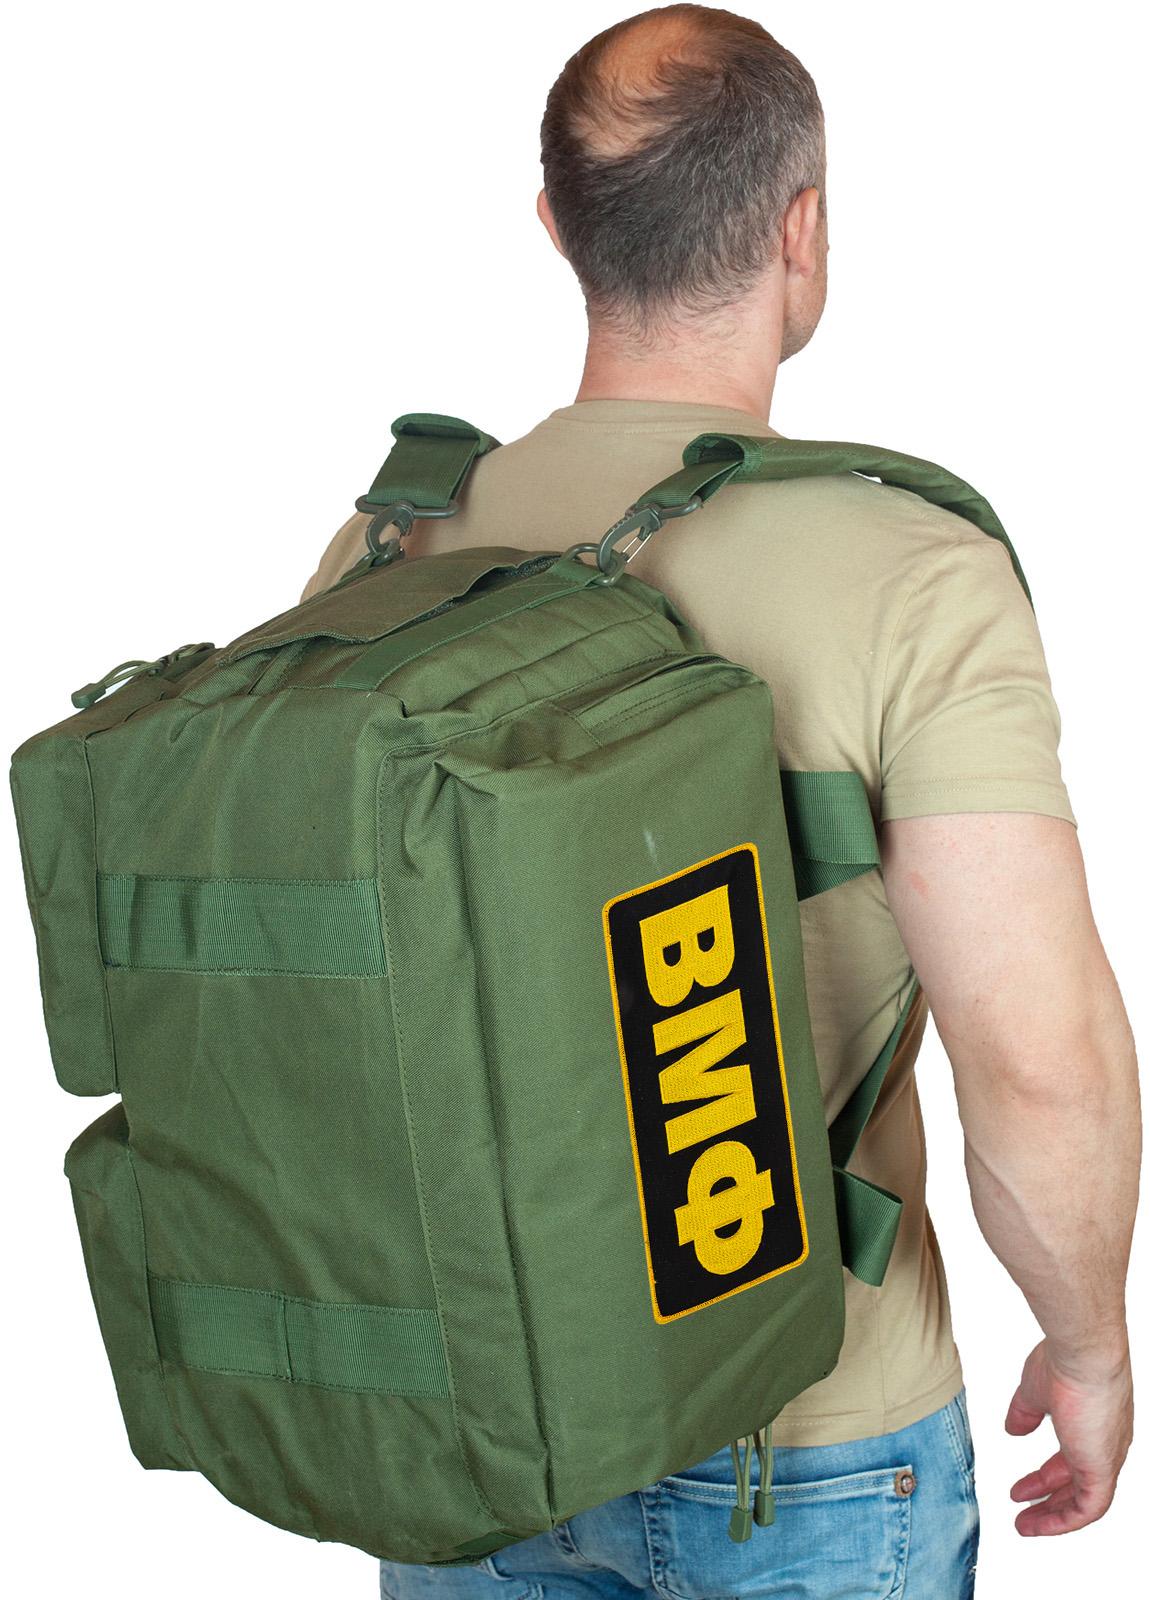 Купить заплечную тактическую сумку-рюкзак ВМФ по экономичной цене